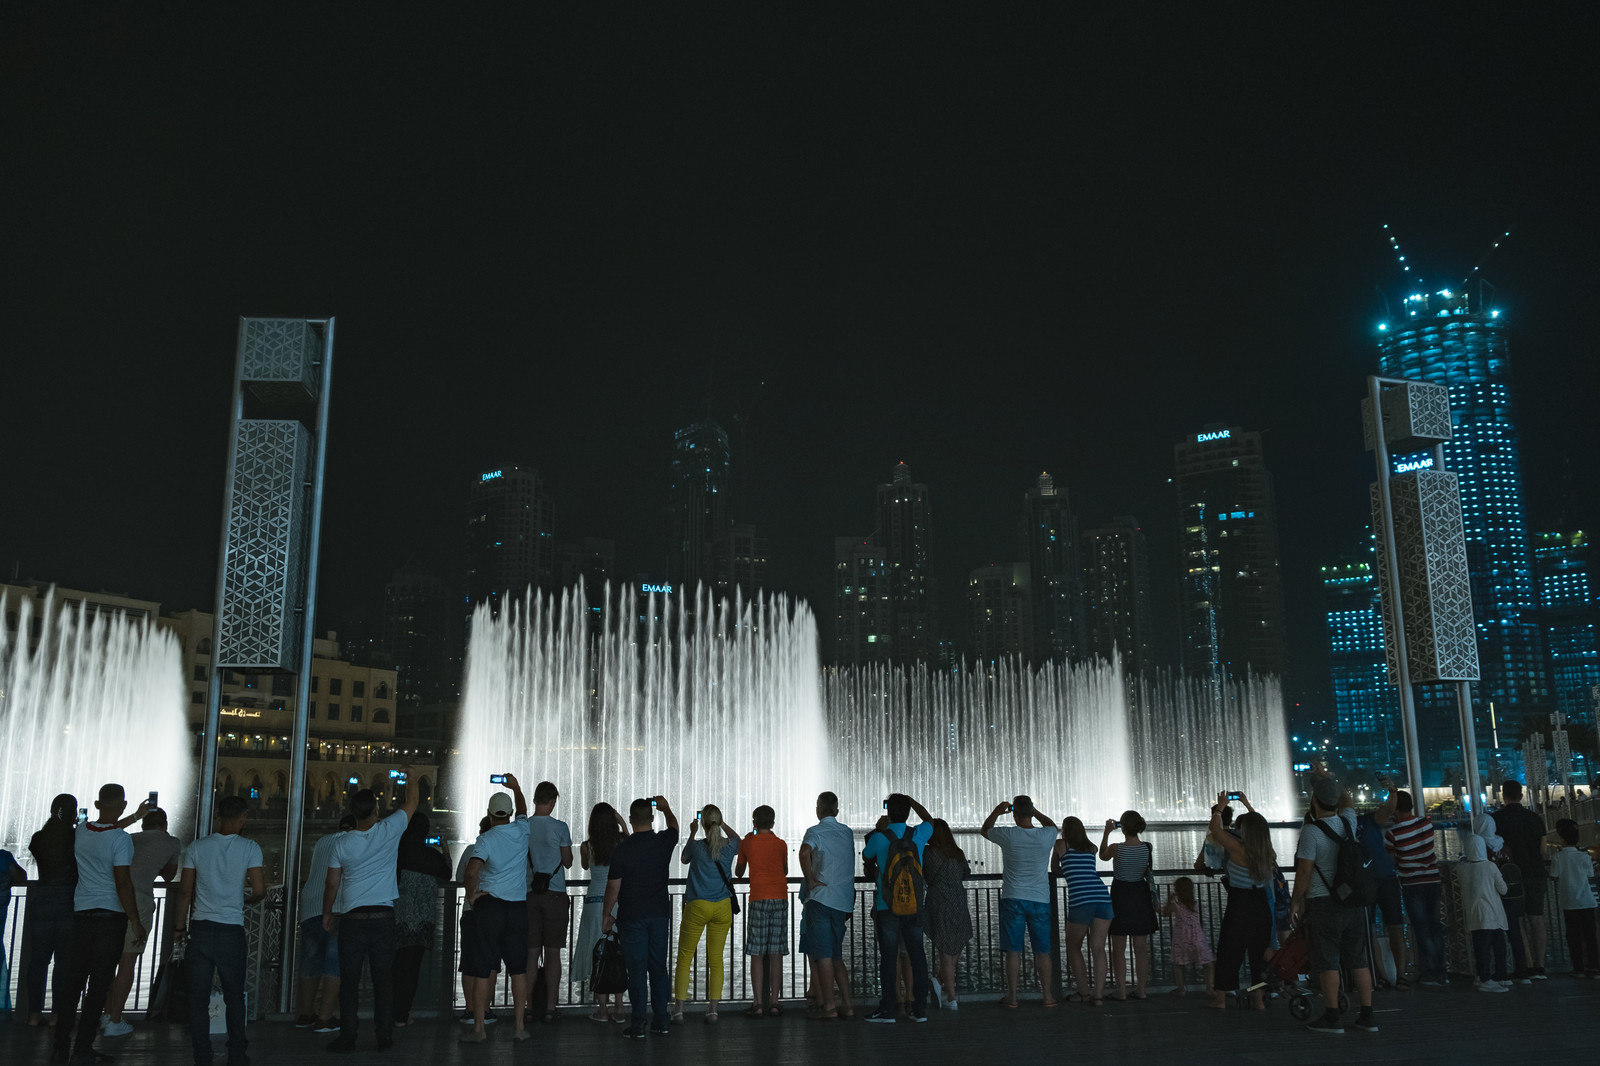 「高層ビルとライトアップされた噴水に群がる観光客」の写真